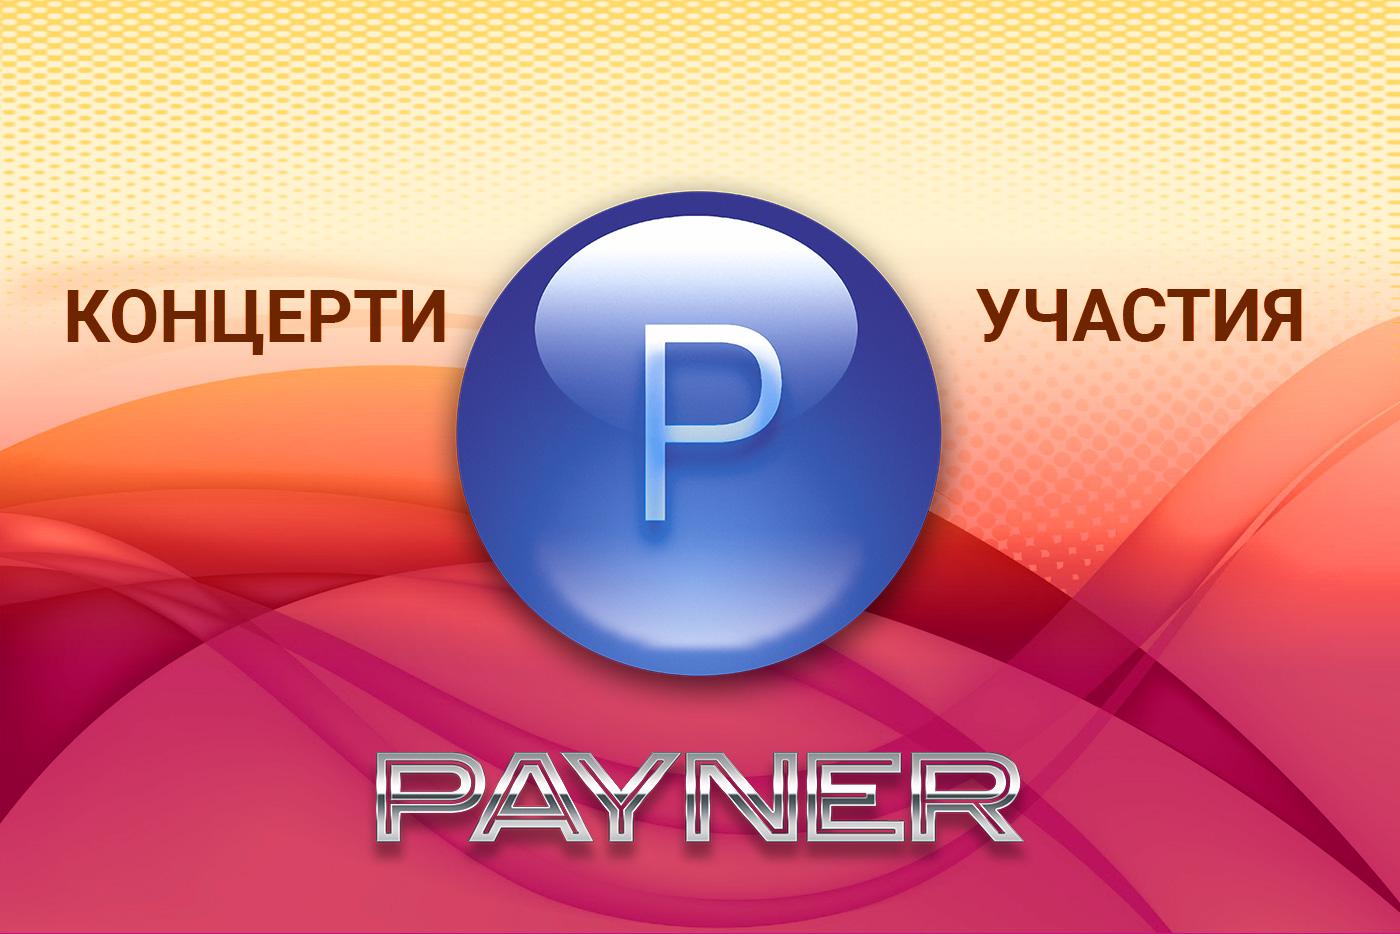 """Участия на звездите на """"Пайнер"""" на 15.02.2020"""